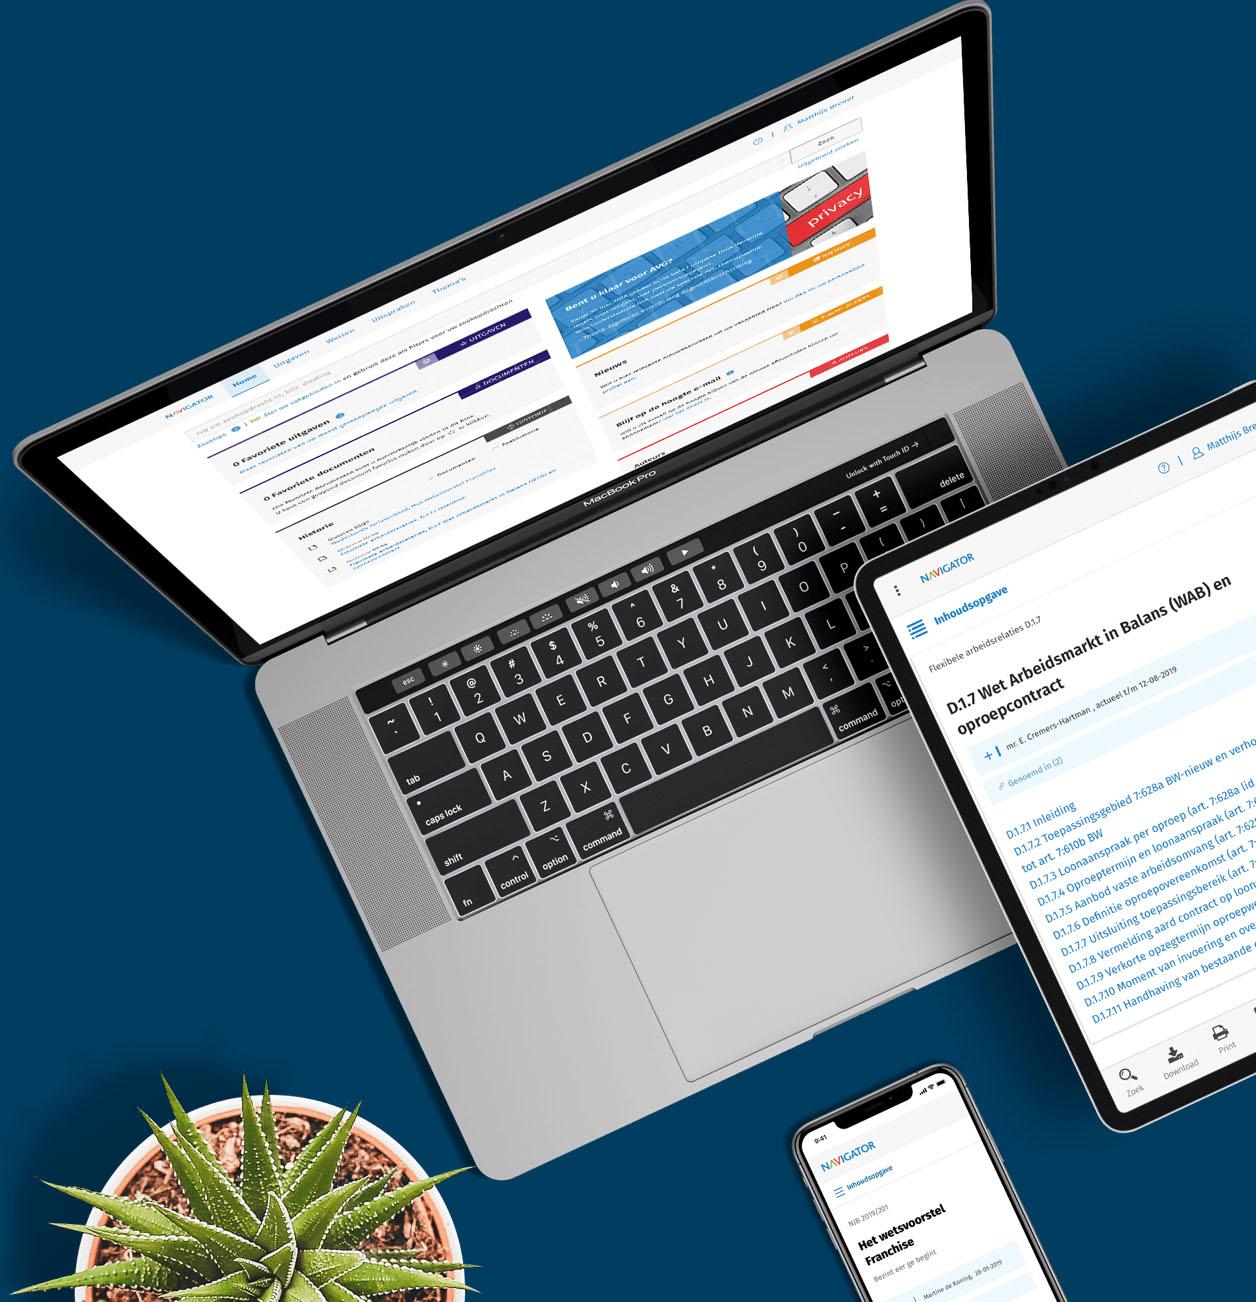 Navigator op de laptop